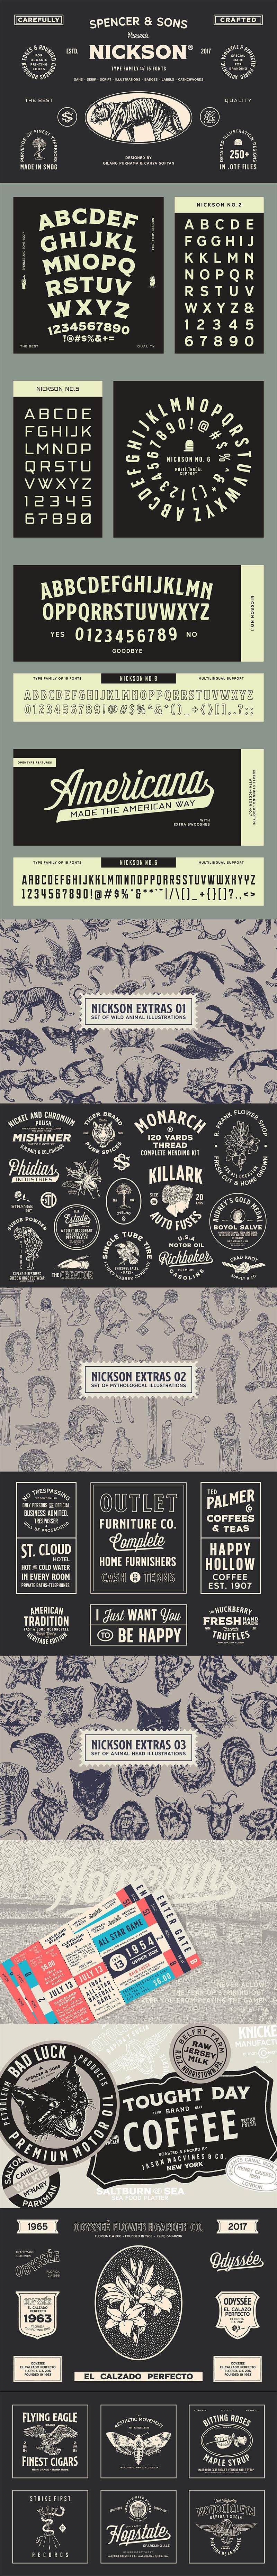 timeless-vintage-design-bundle-001-a